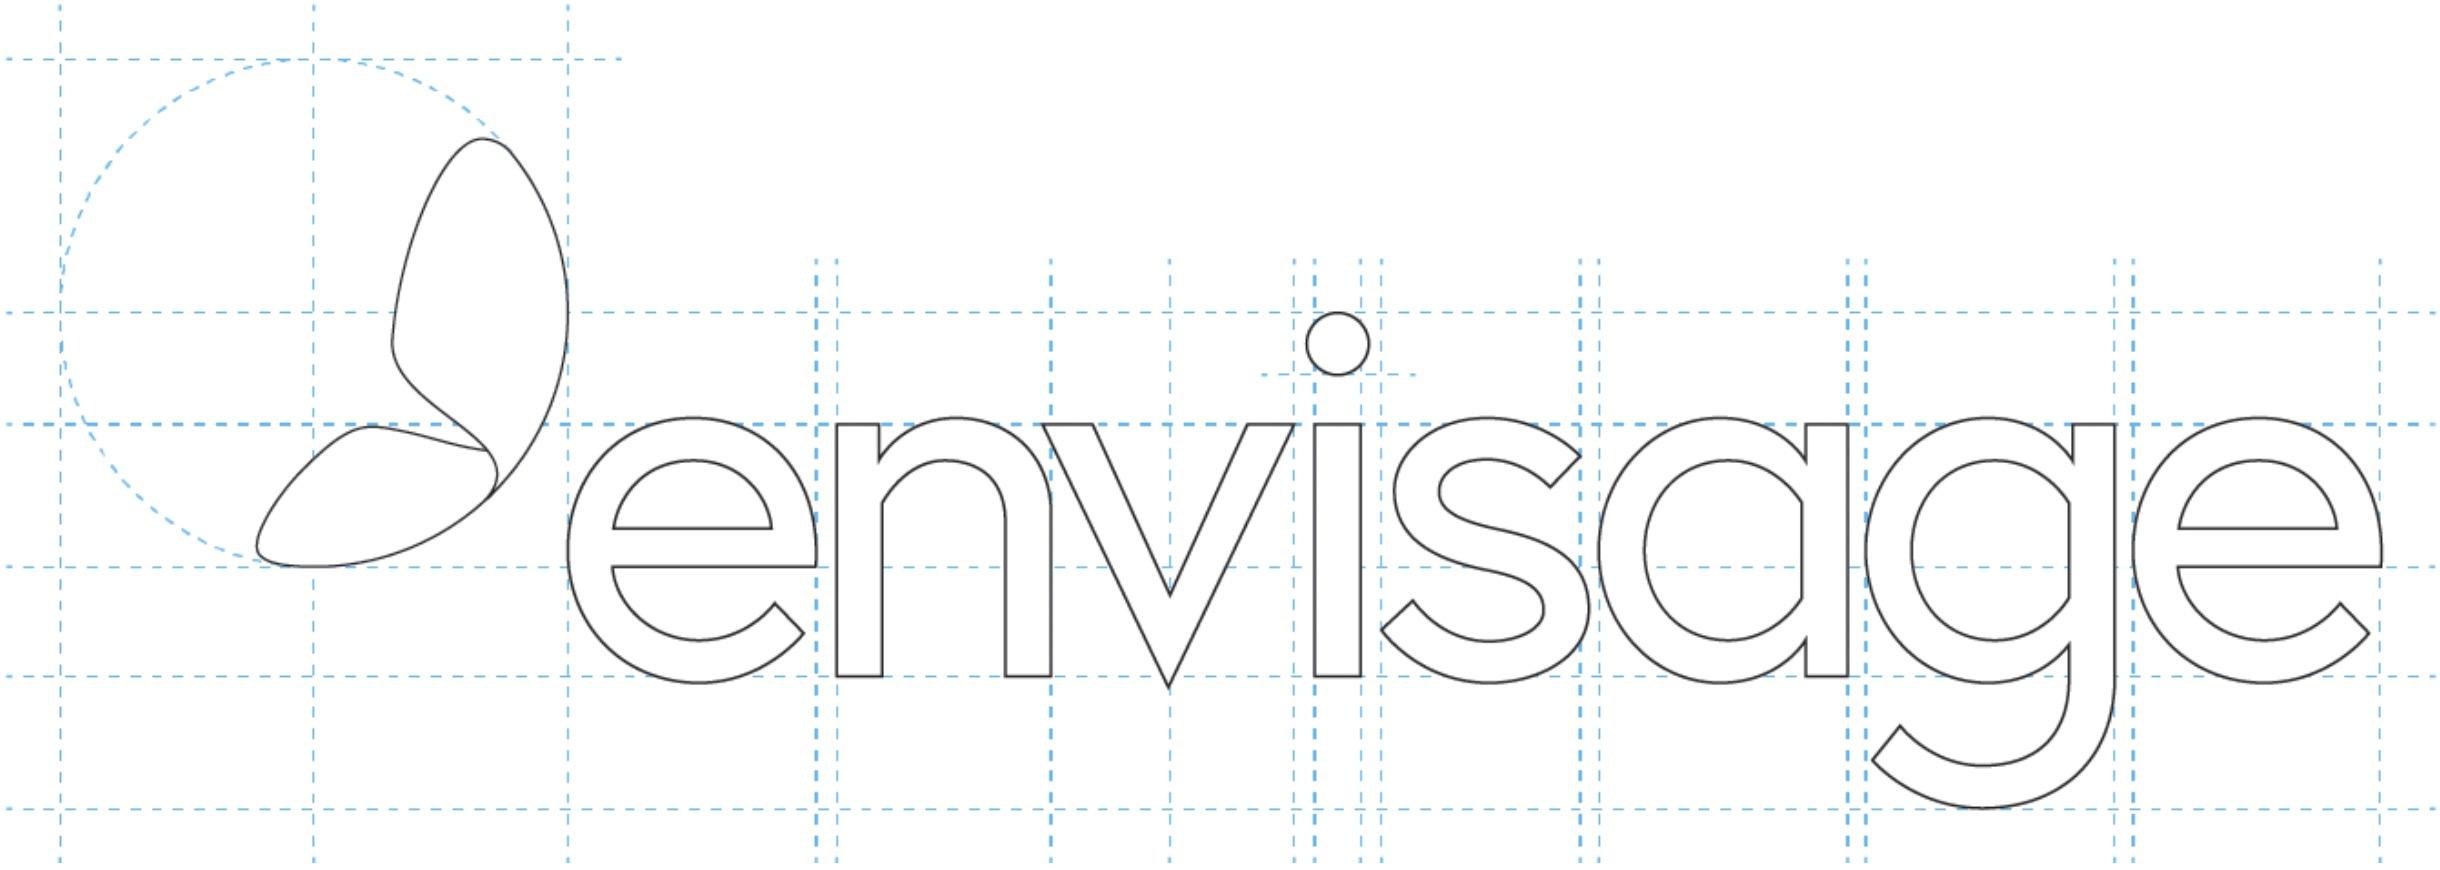 reticula logotipo envisage chedraui